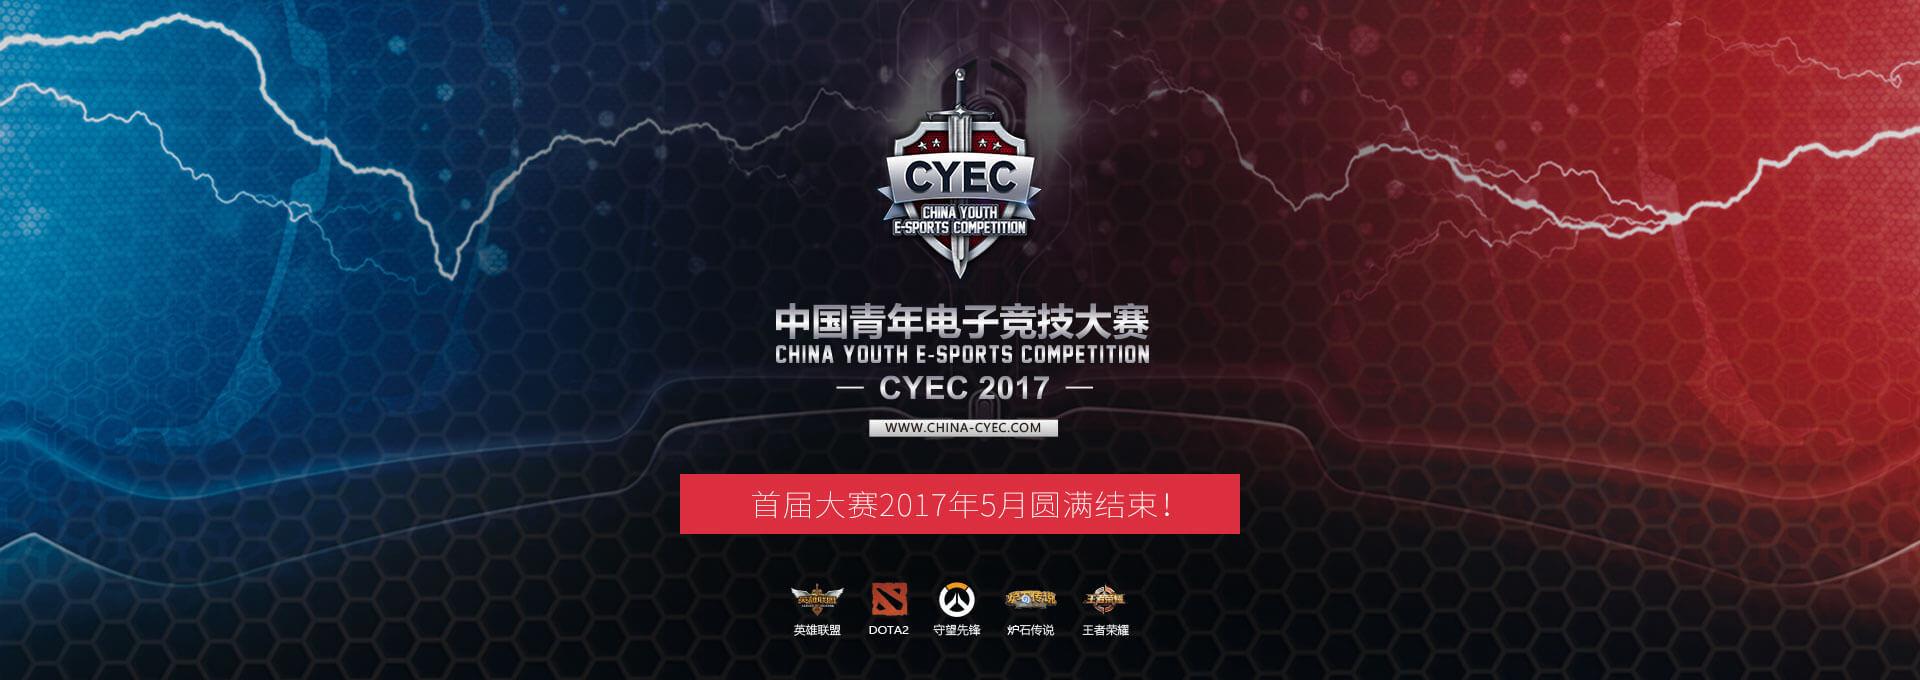 中国青年电子竞技大赛S1赛季